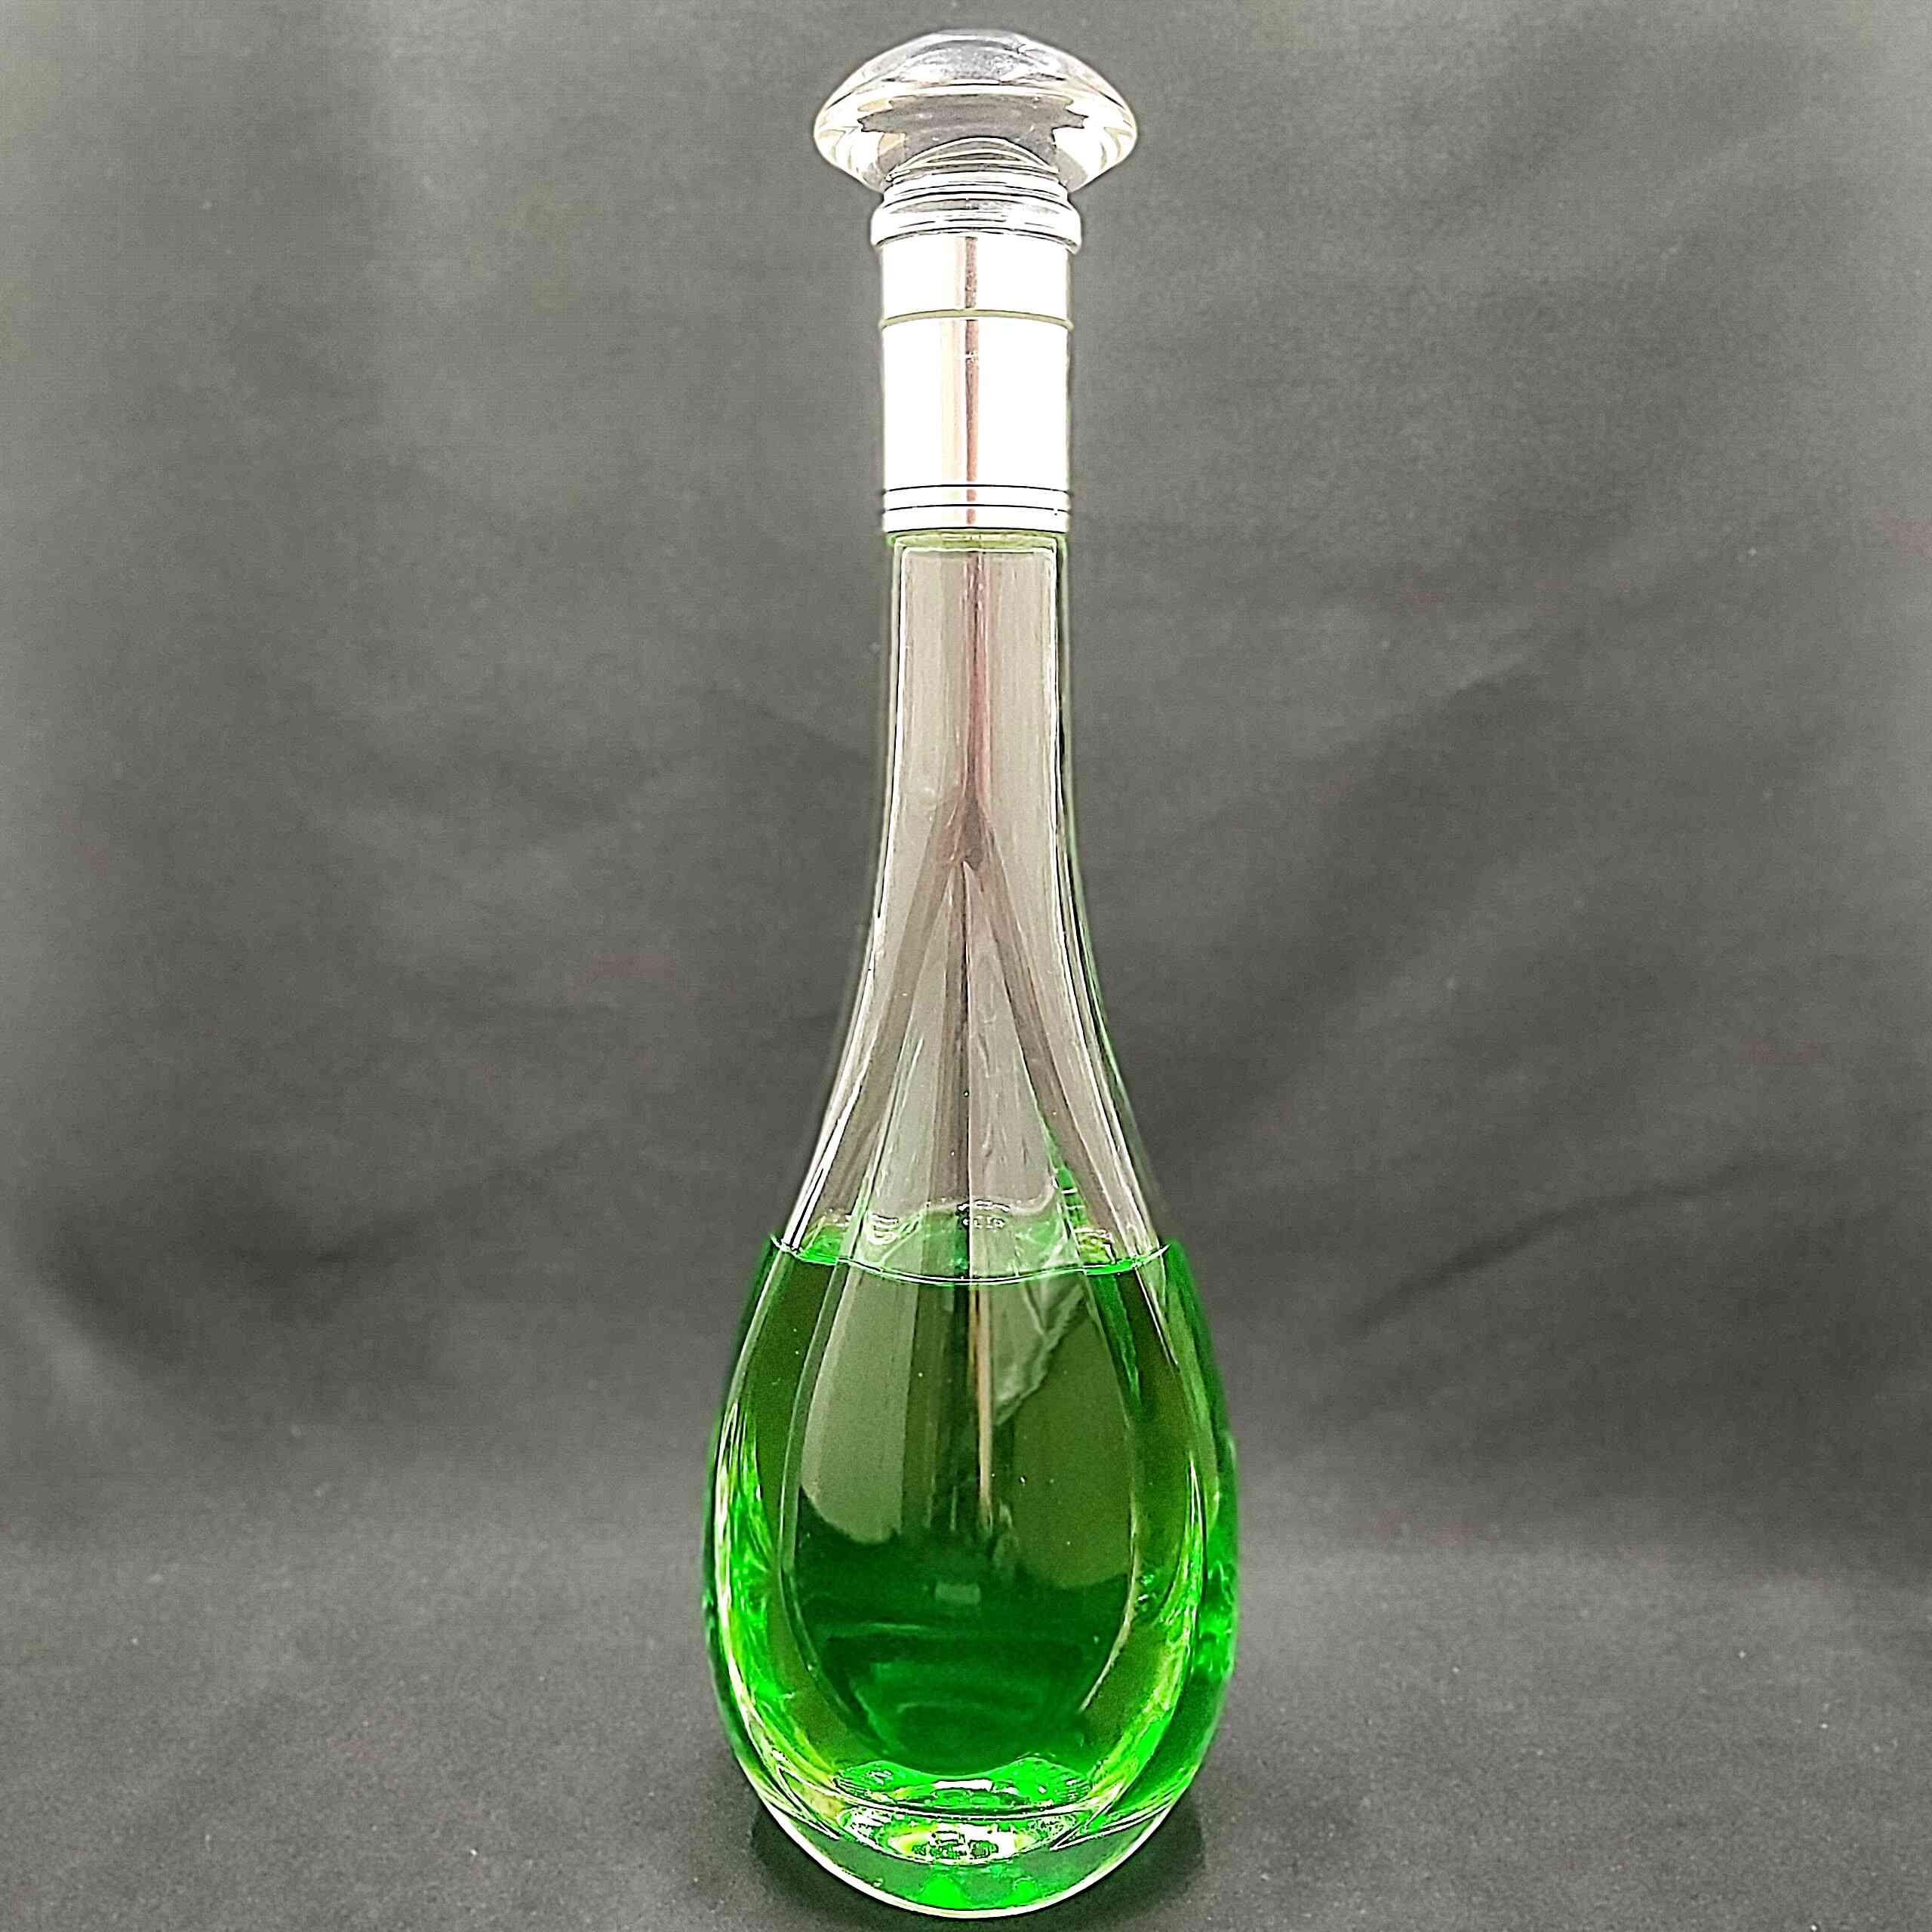 vỏ chai thủy tinh 500ml cao cấp mẫu GIỌT NƯỚC nắp thủy tinh đặc hình Nón bọc thiếc (Mẫu C12)